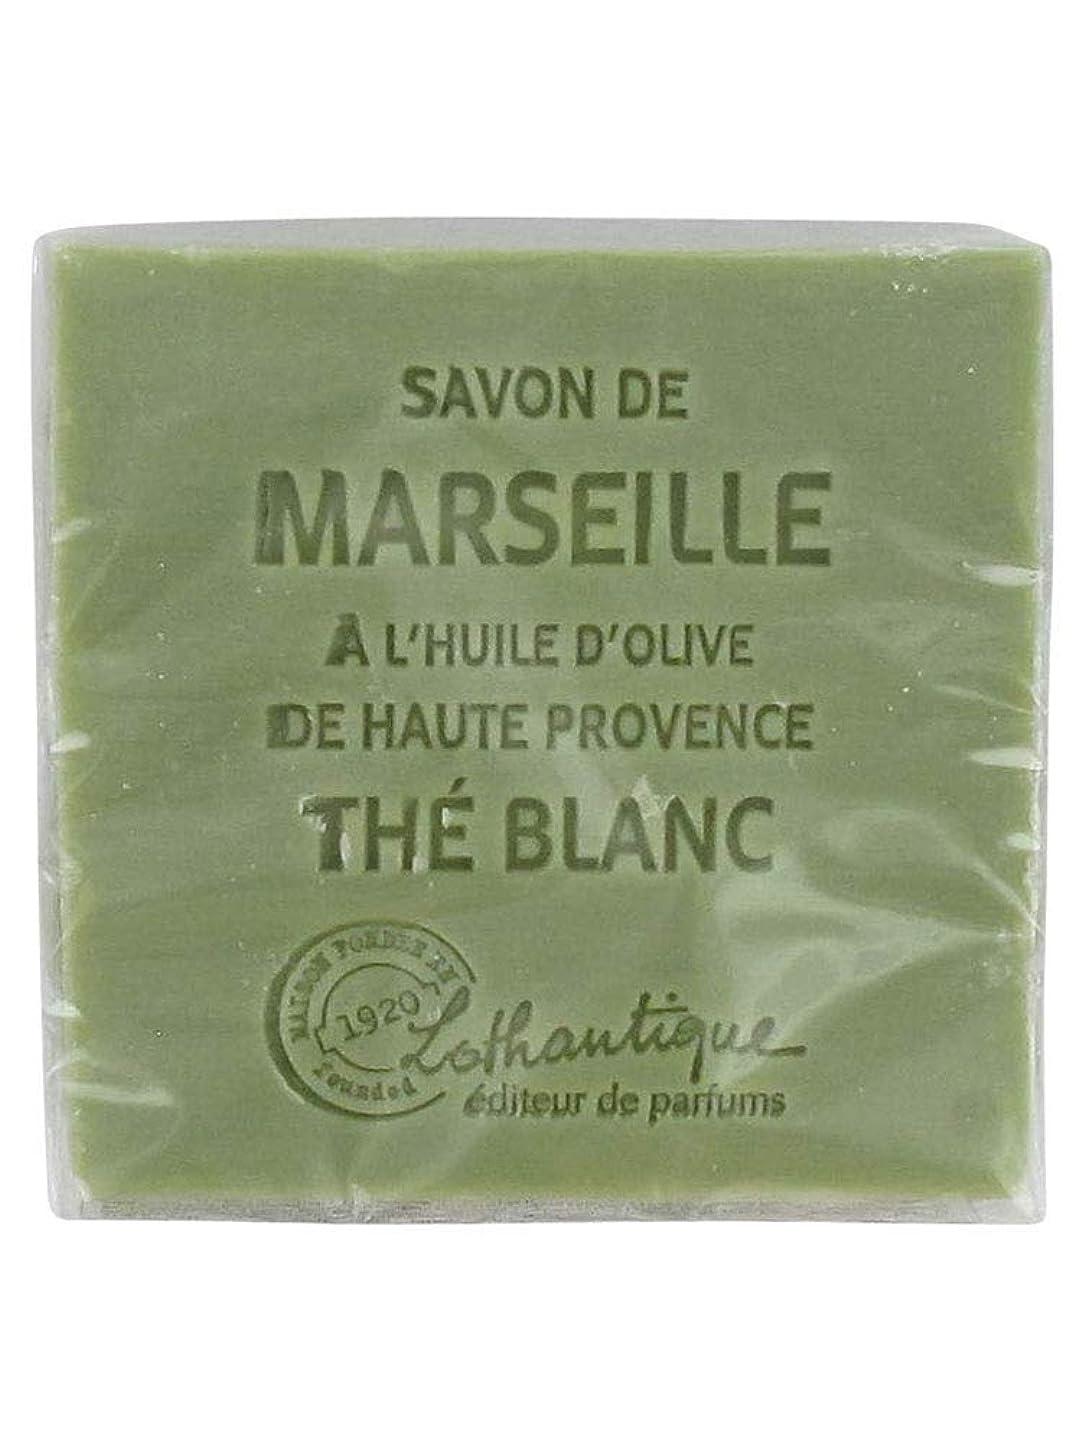 コメント悲劇的な脳Lothantique(ロタンティック) Les savons de Marseille(マルセイユソープ) マルセイユソープ 100g 「ホワイトティー」 3420070038036